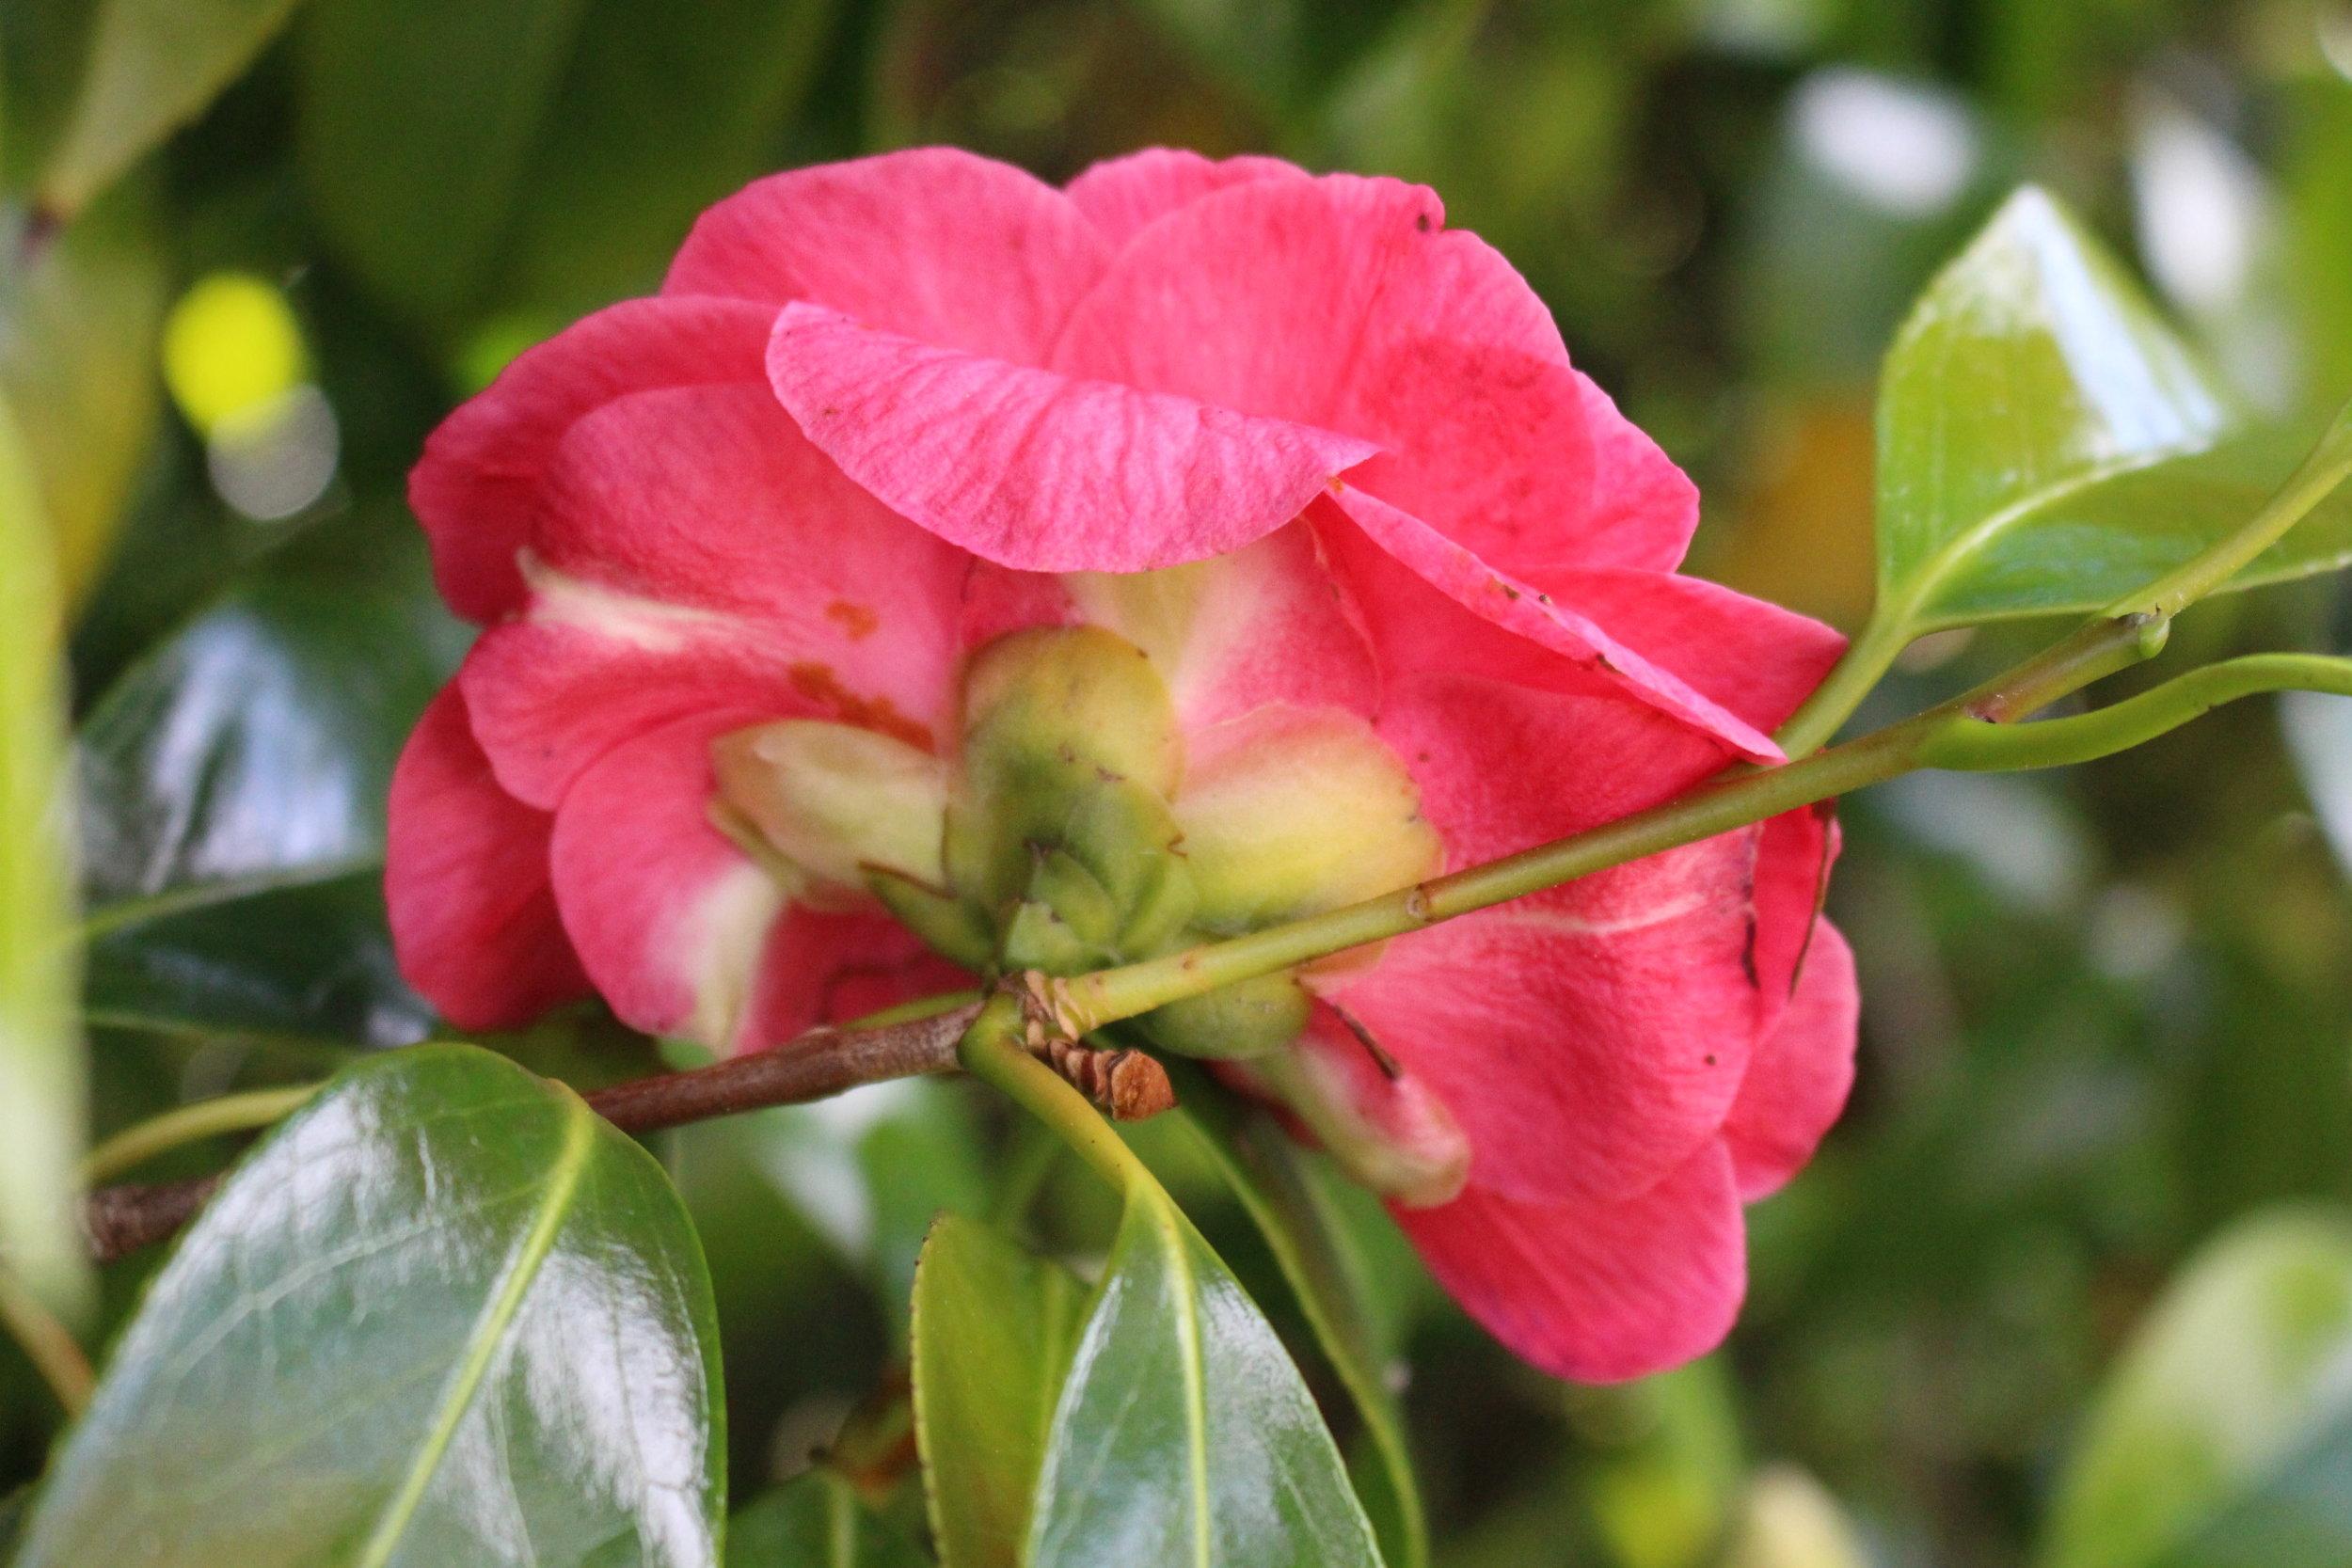 #157 Camelia, Camellia japonica